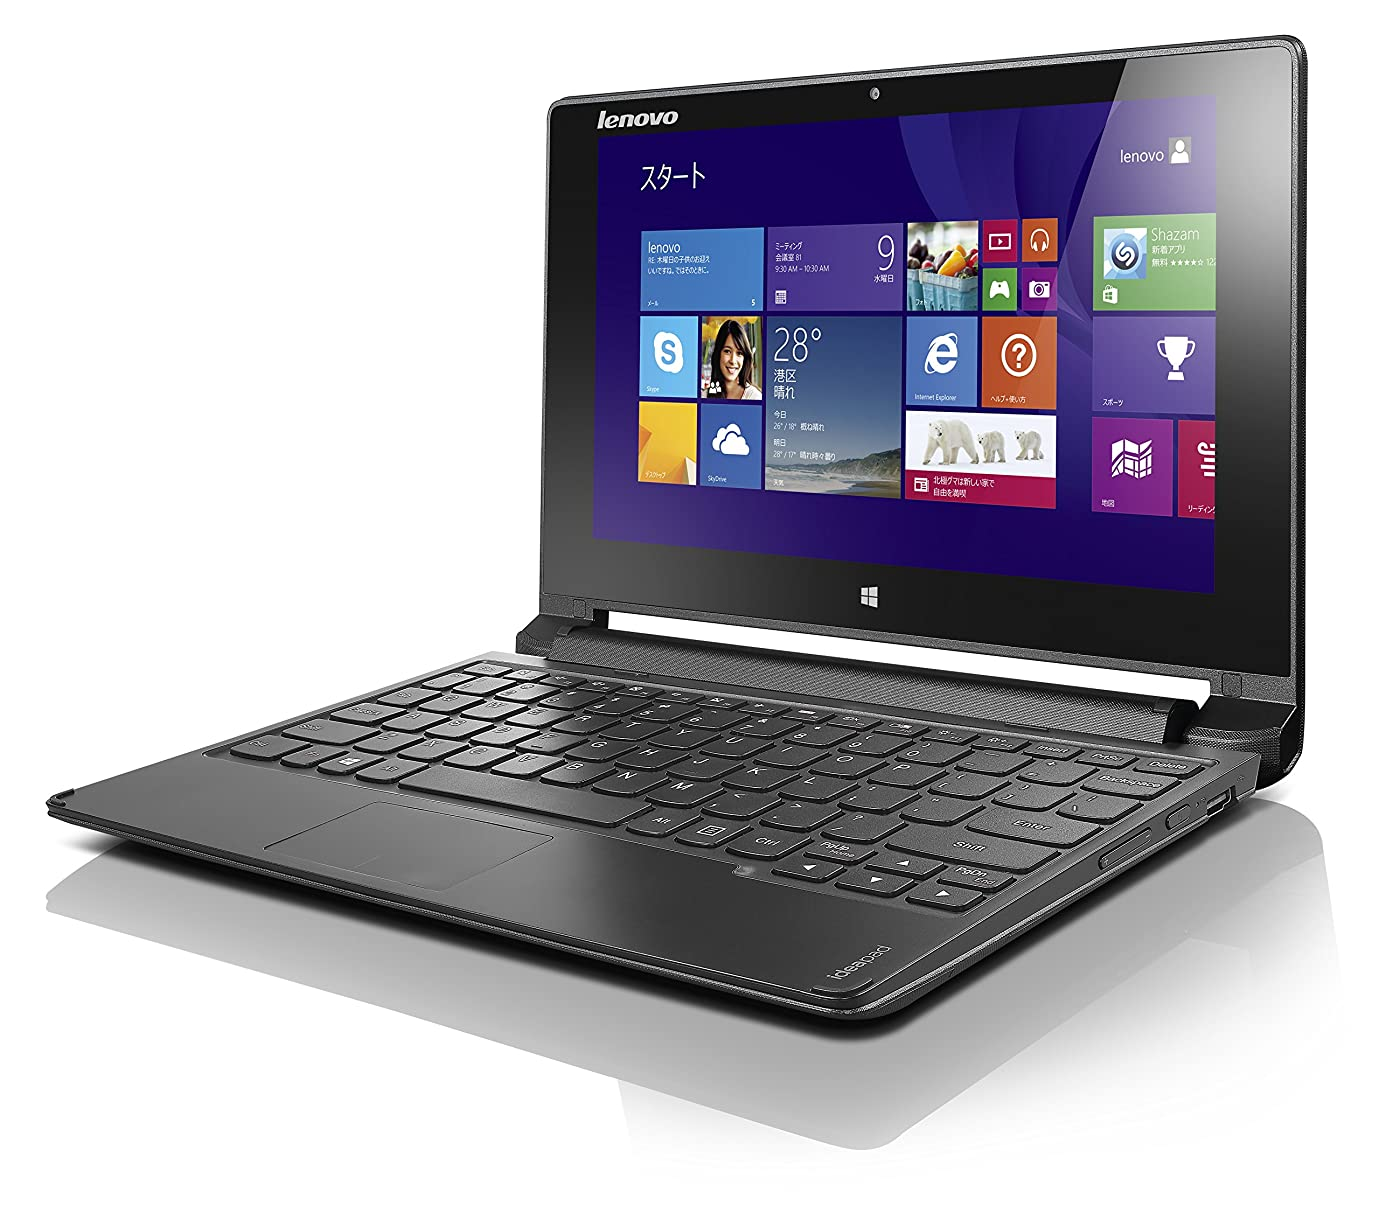 ビームバトル演じるLenovo ノートパソコン IdeaPad Flex 10 Bing(Windows 8.1 with Bing 64bit/Office Home & Business 2013/10.1型/Celeron N2840)59434767